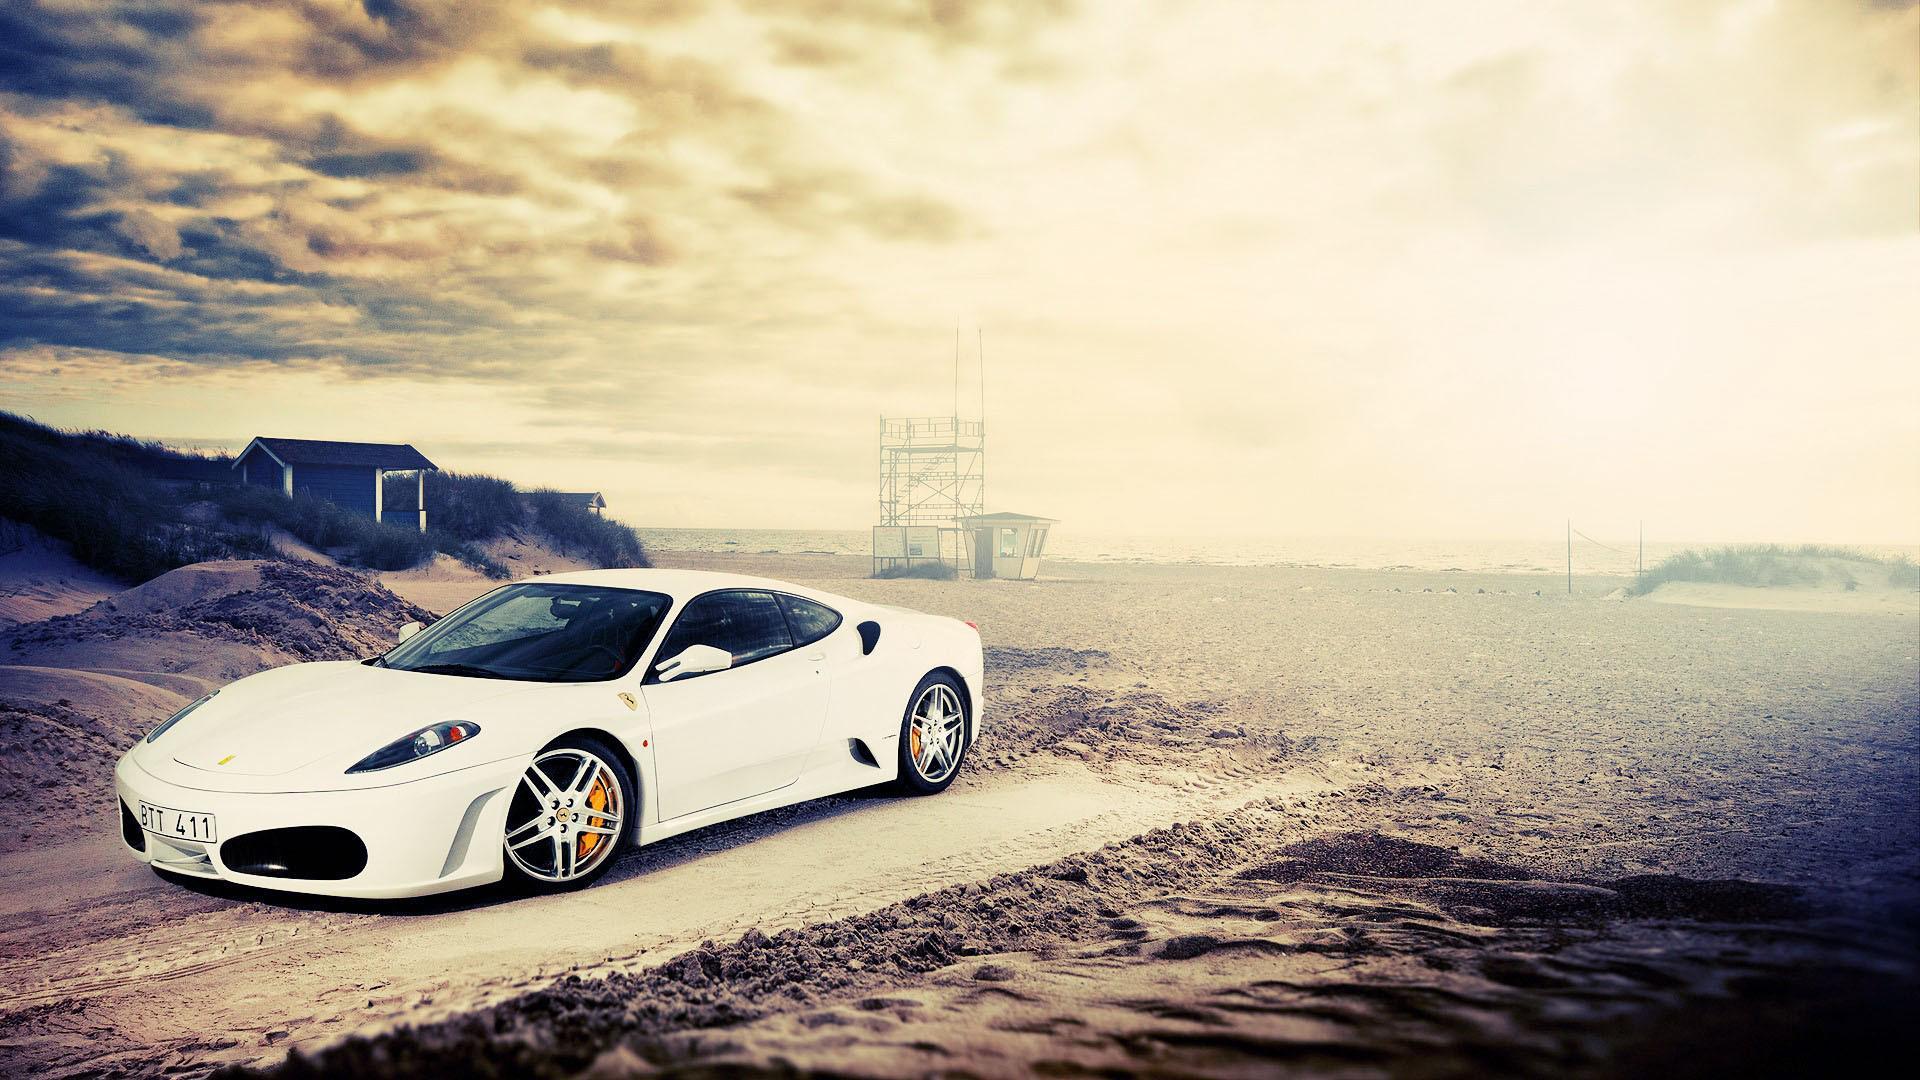 Белый авто на каменистой местности  № 214561 бесплатно